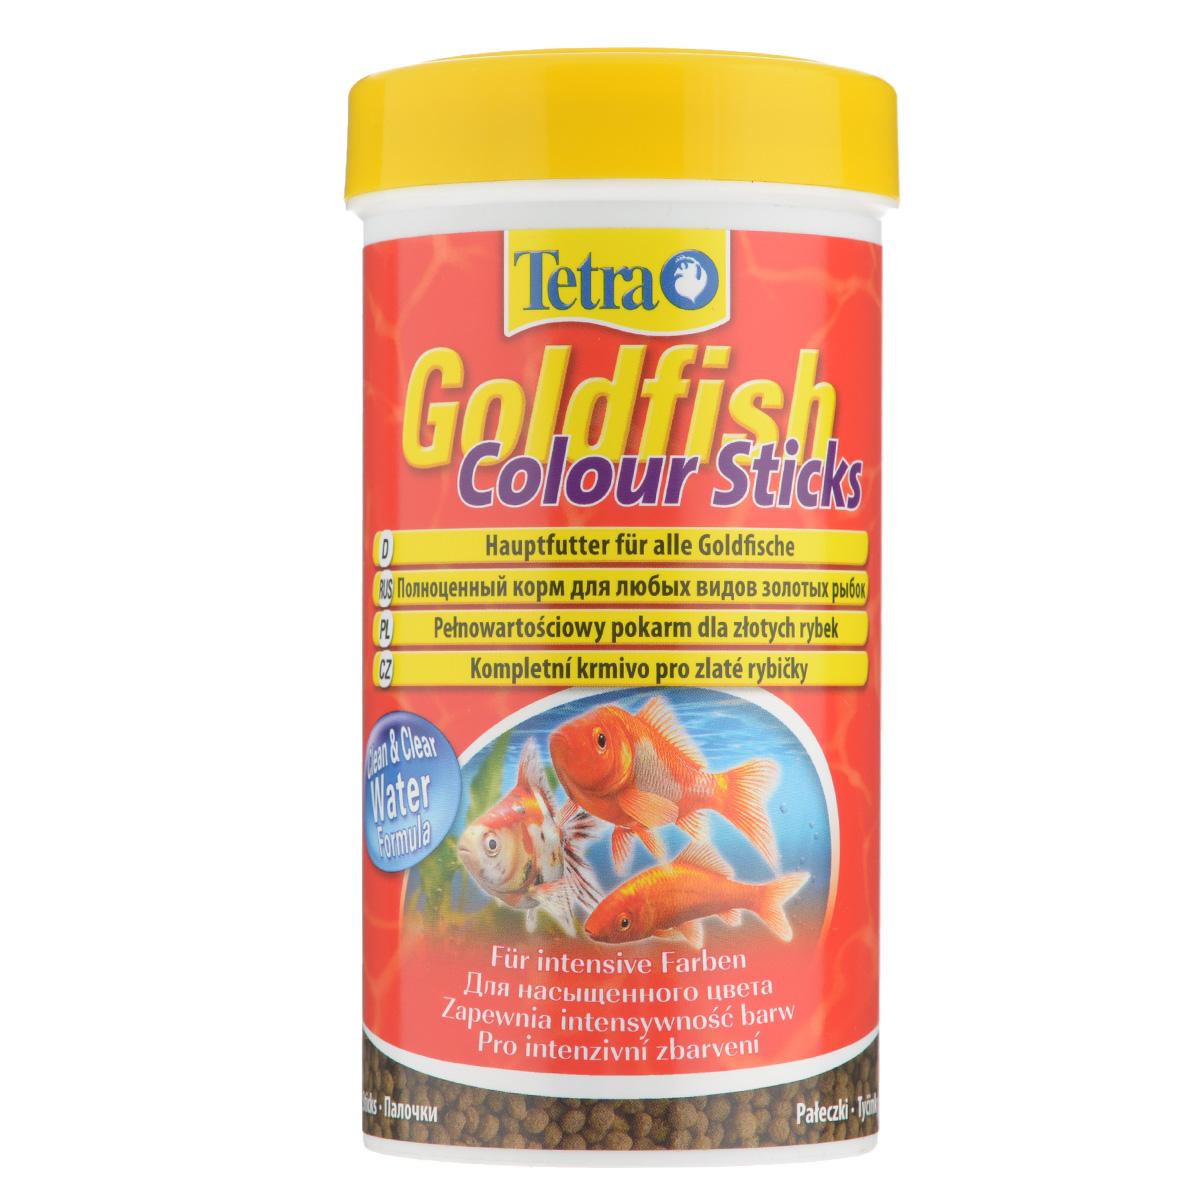 Корм сухой Tetra Goldfish Colour Sticks для любых видов золотых рыбок, в виде палочек, 250 мл корм tetra tetramin xl flakes complete food for larger tropical fish крупные хлопья для больших тропических рыб 10л 769946